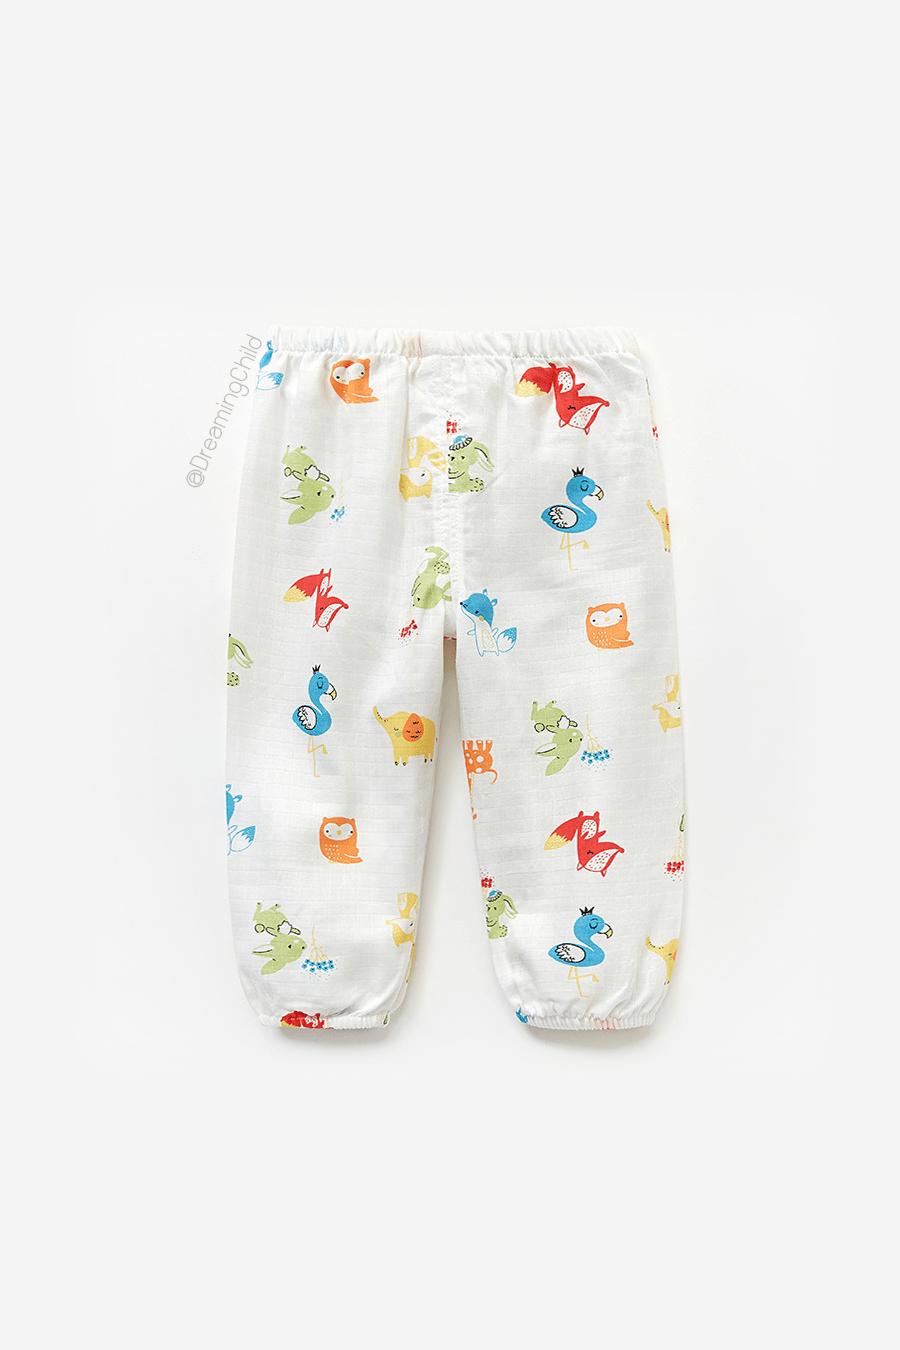 กางเกงขายาวเด็กกันยุง